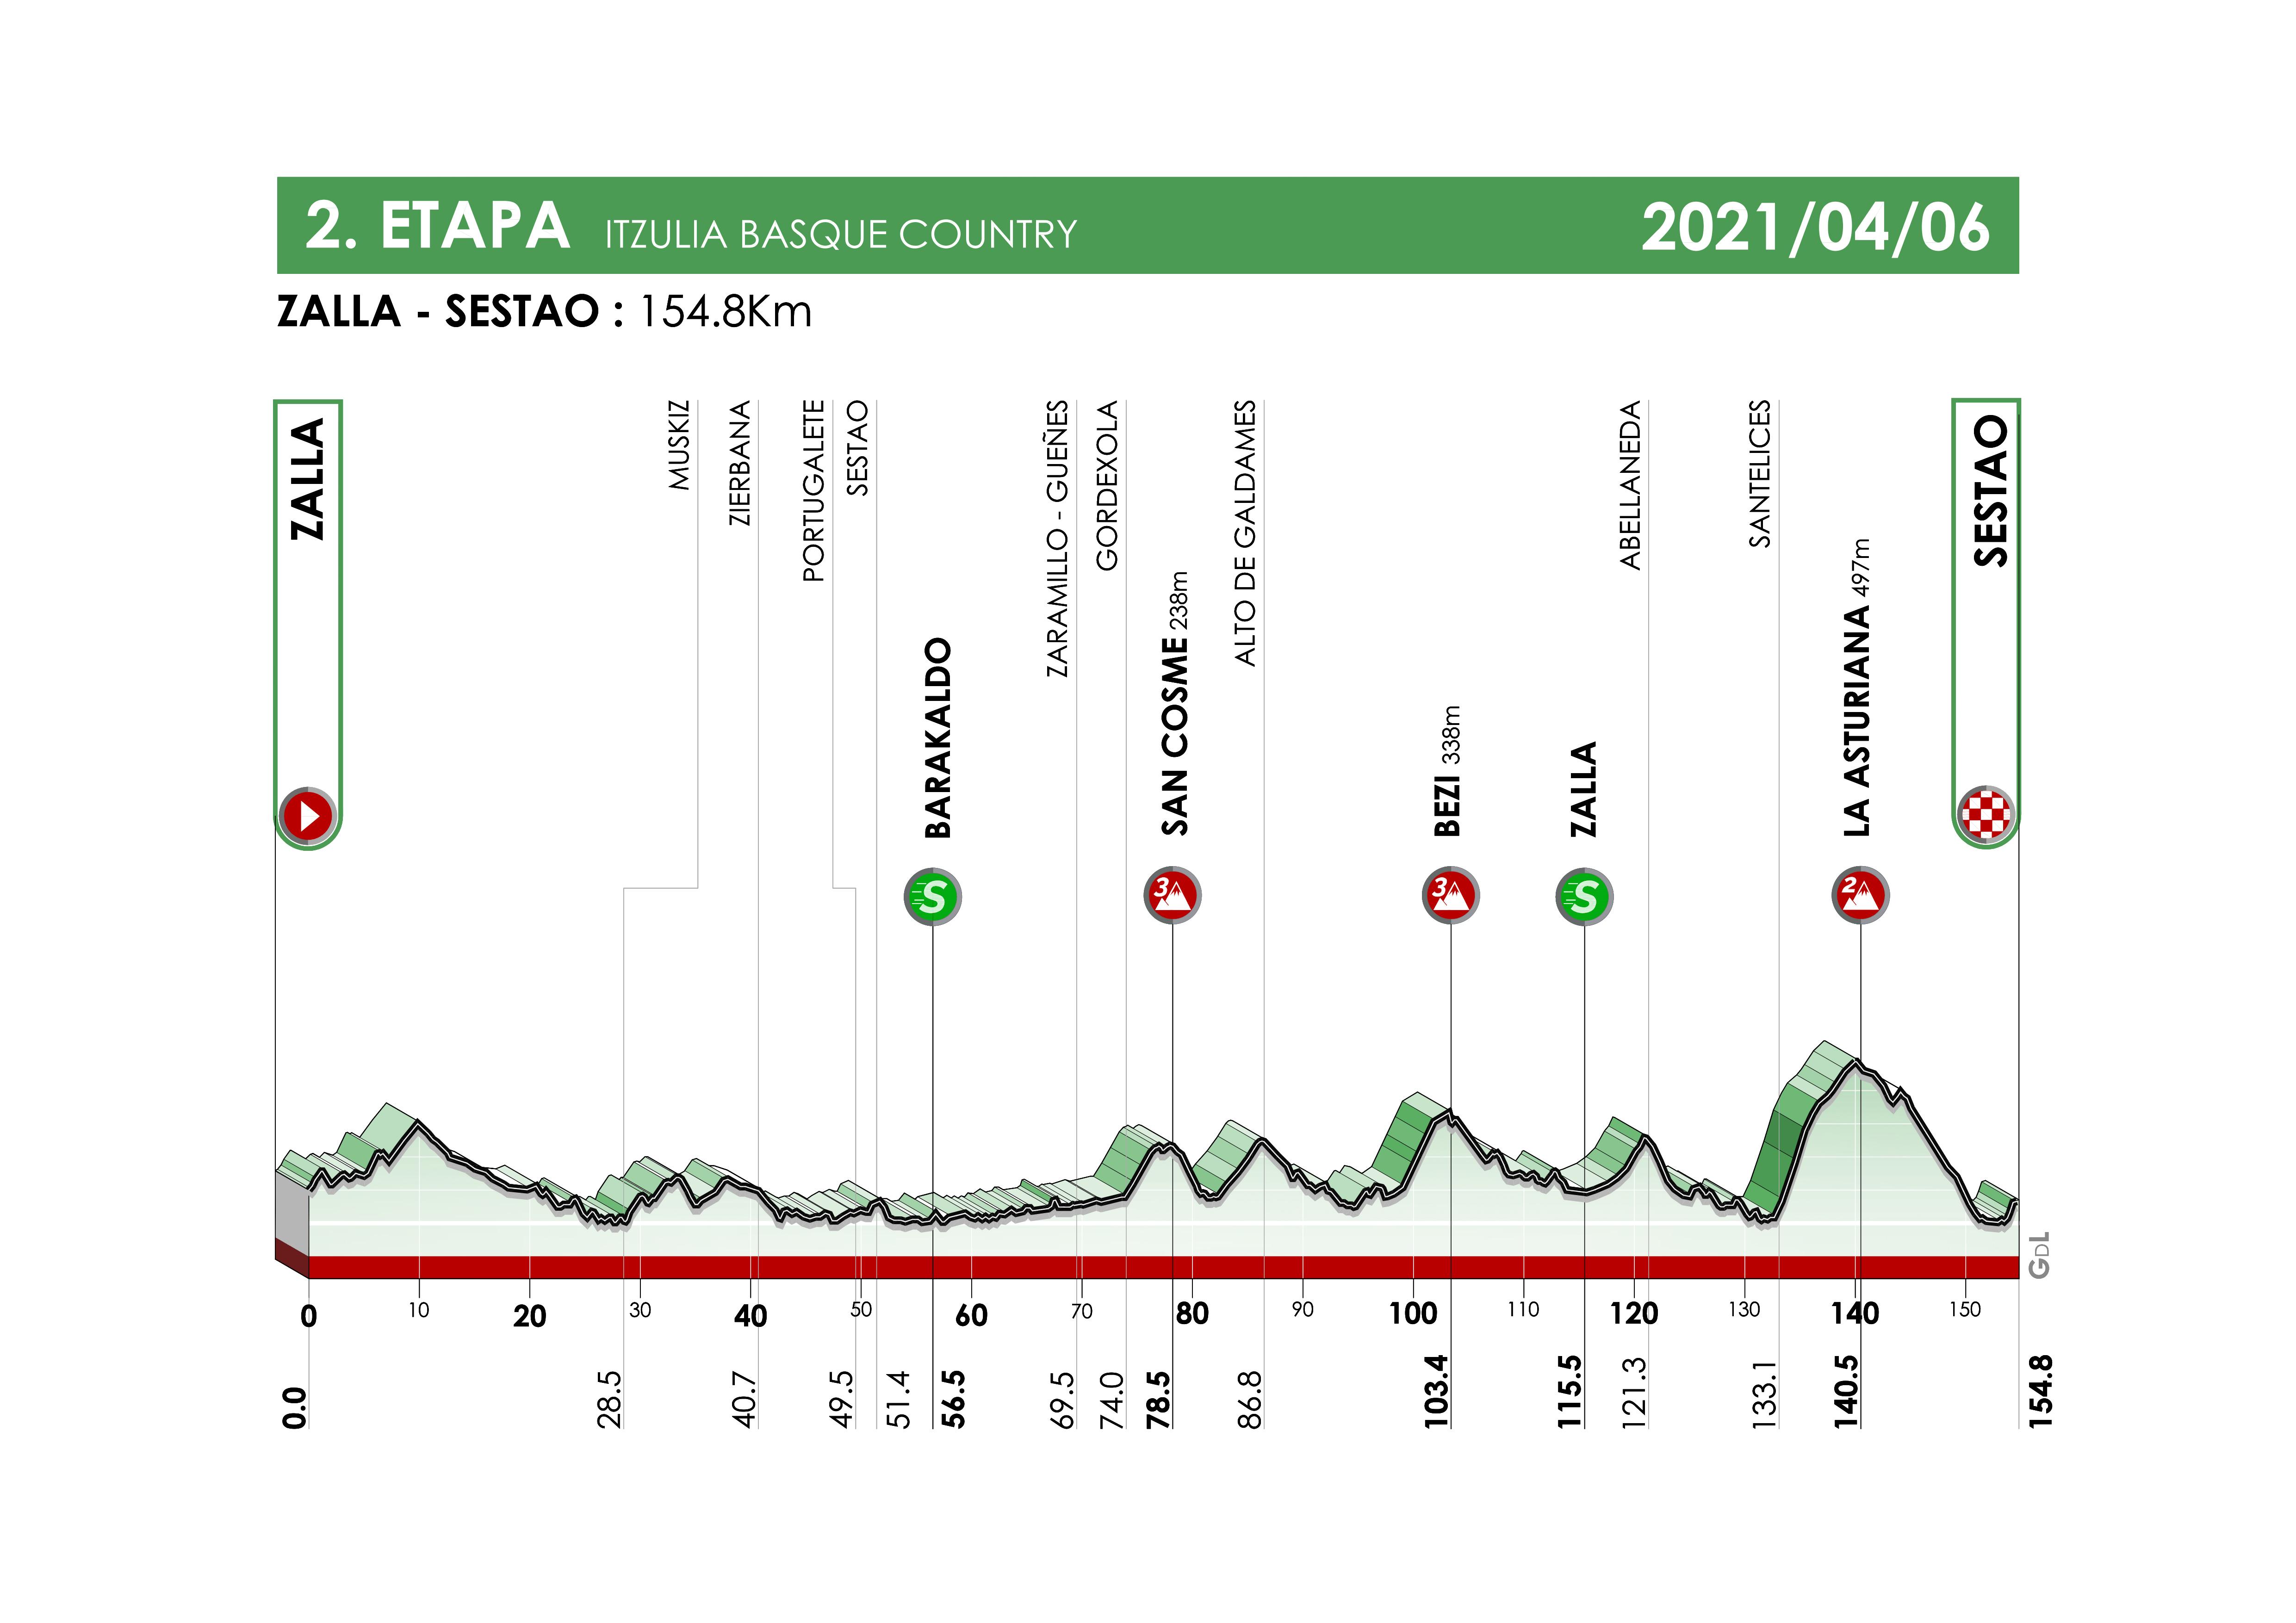 Etapa 2 Vuelta al País Vasco 2021